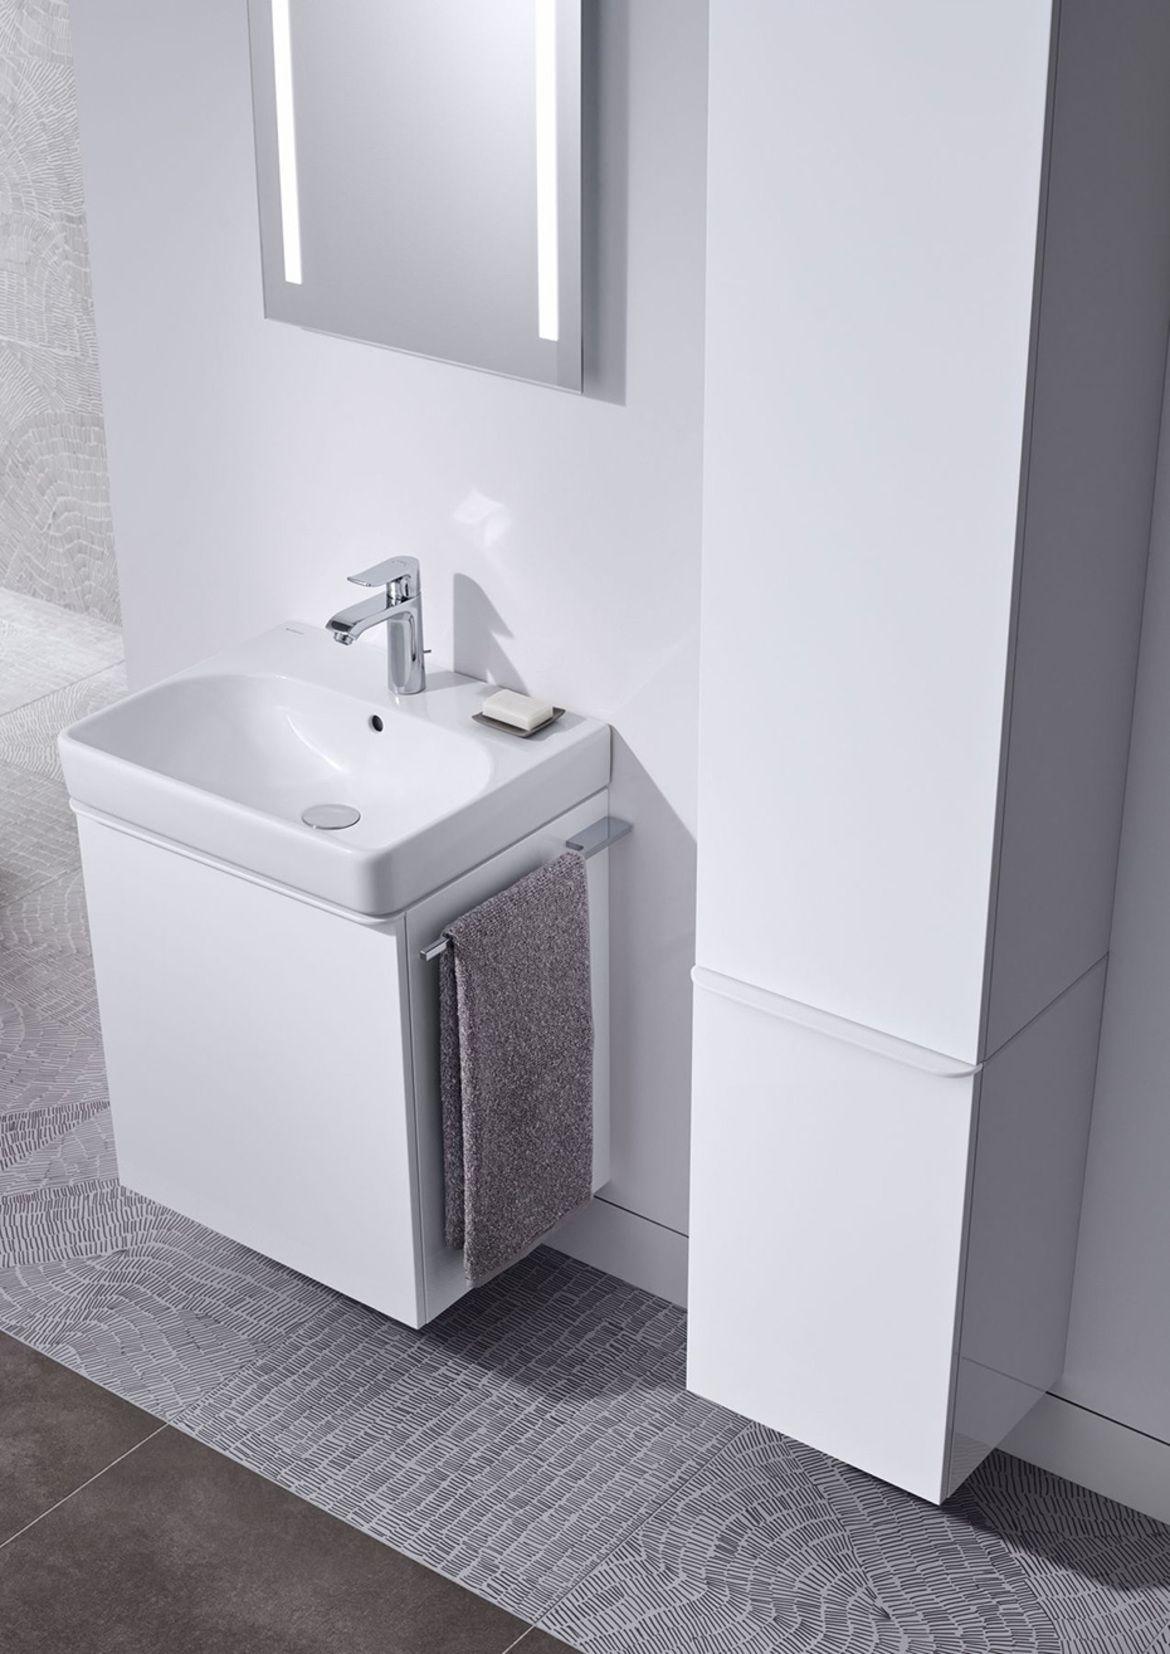 Geberit Smyle Geberit Deutschland Weisse Badezimmer Badezimmerideen Wc Spiegel